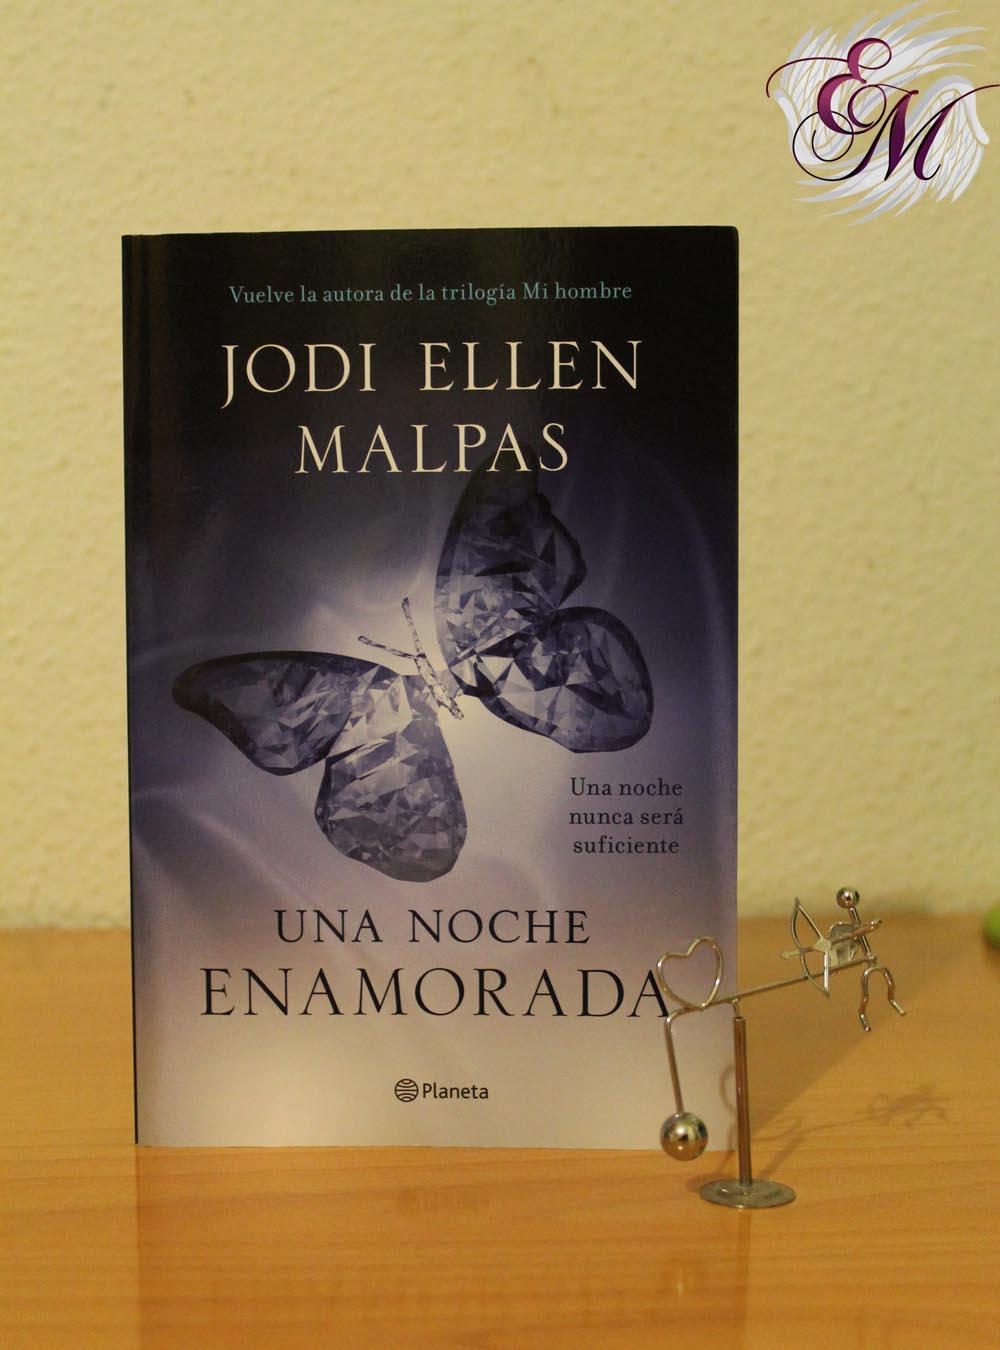 Una noche: Enamorada, de Jodi Ellen Malpas – Reseña